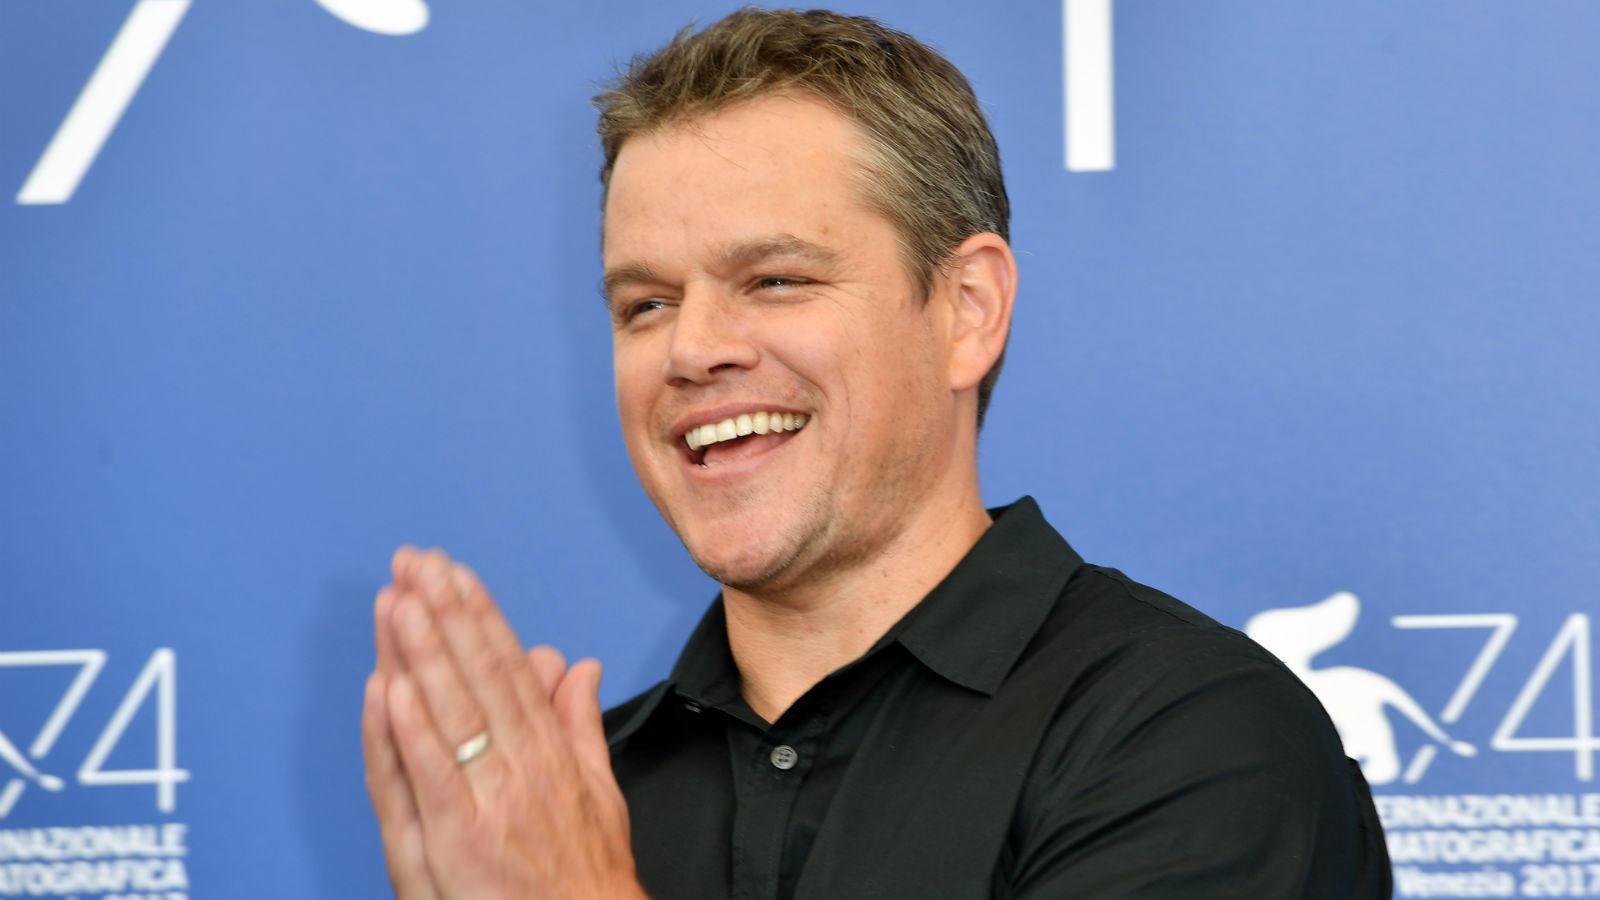 Matt Damont felvették a Harvard Egyetemre, de sose diplomázott le. A színész a Good Will Hunting című filmjével robbant be a köztudatba, amiért Oscar-díjat is kapott Ben Affleckkel közösen írt forgatókönyvükért. Damont főszerepéért 1997-ben jelölték a legjobb férfi színész címére is – amit végül abban az évben Jack Nicholson vitt el. (REX/ Shutterstock)